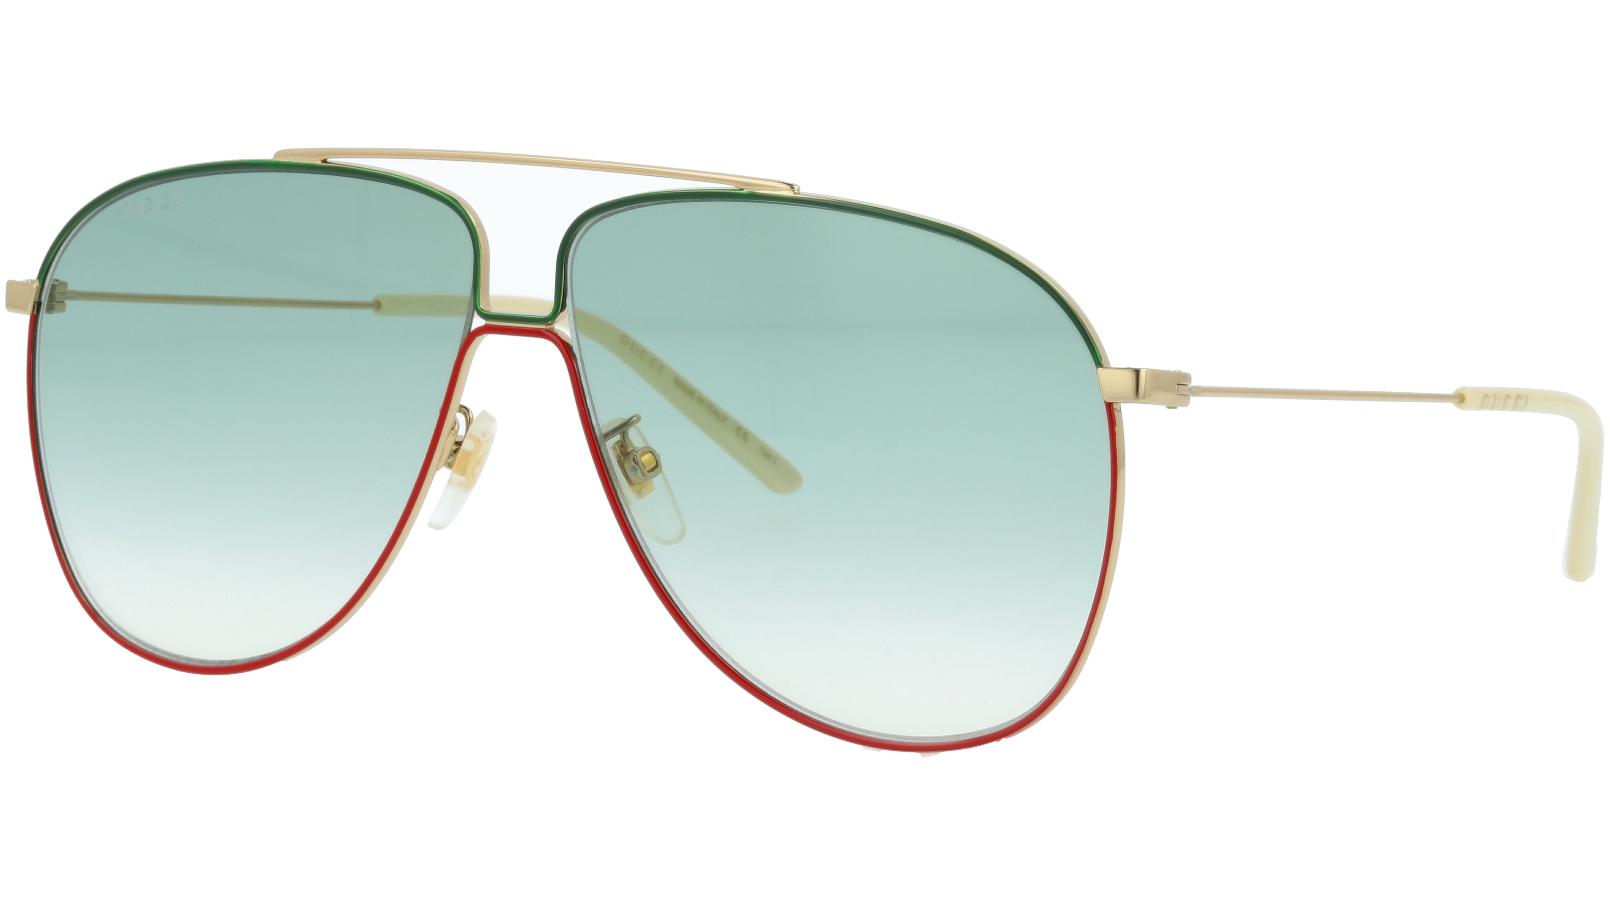 GUCCI GG0440S 004 61 GOLD Sunglasses